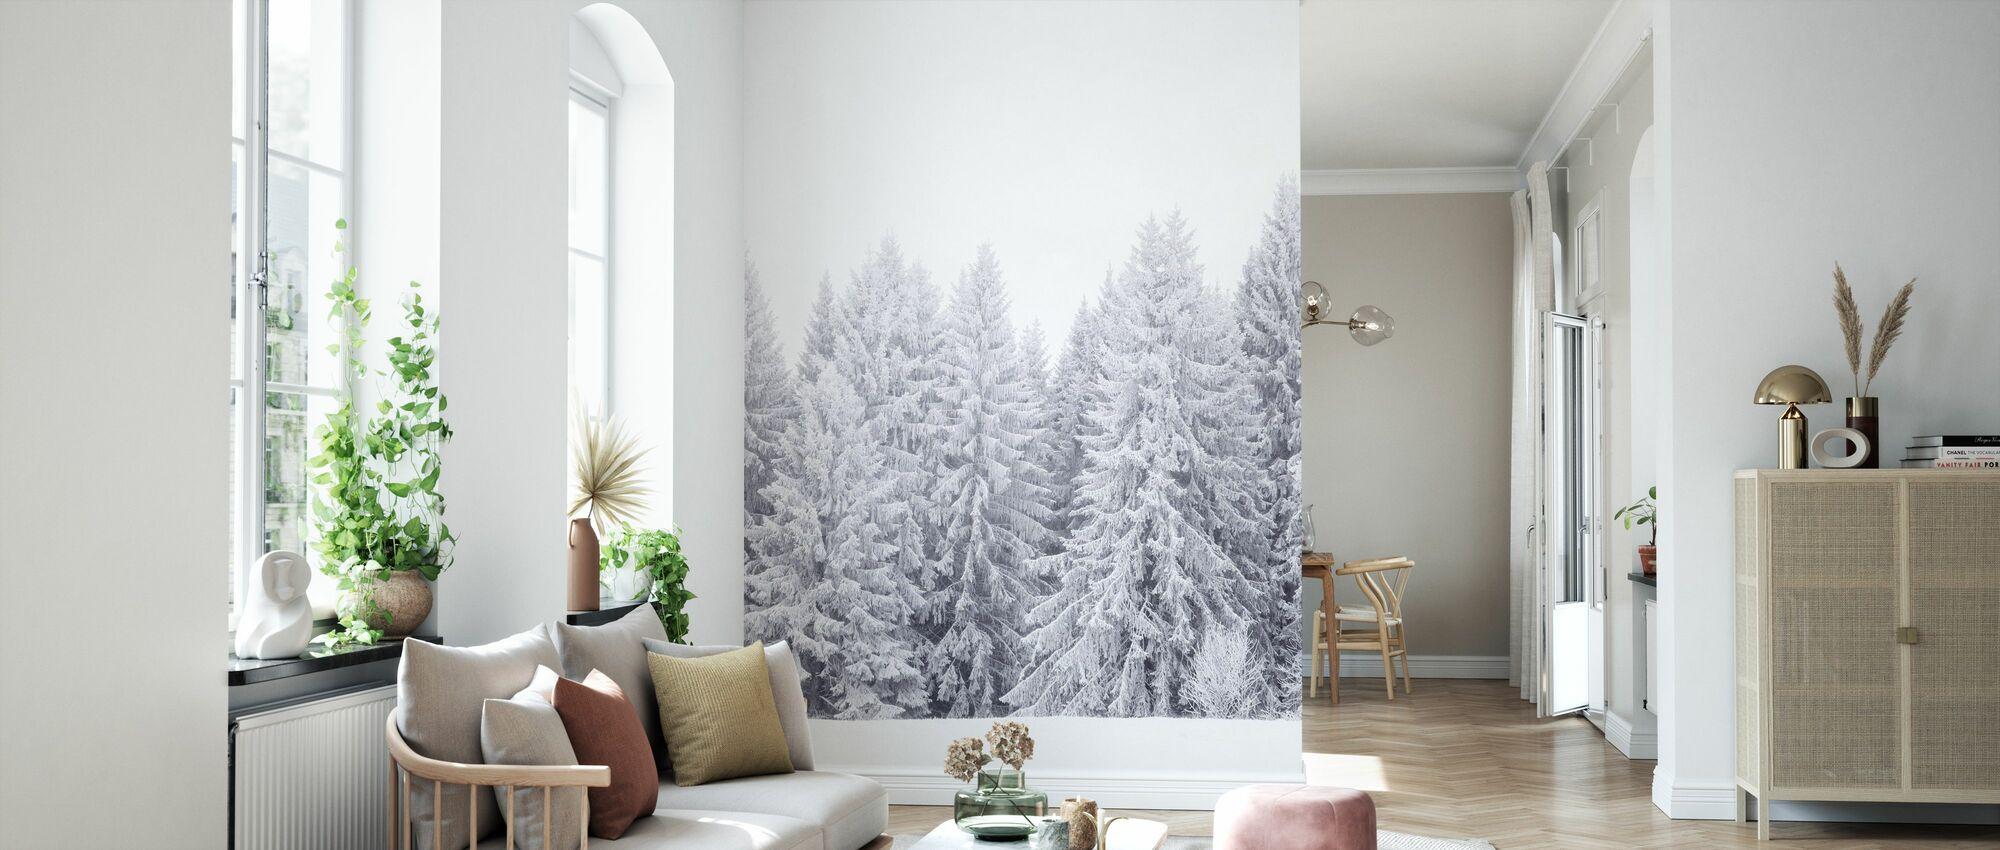 Värmland in White - Wallpaper - Living Room